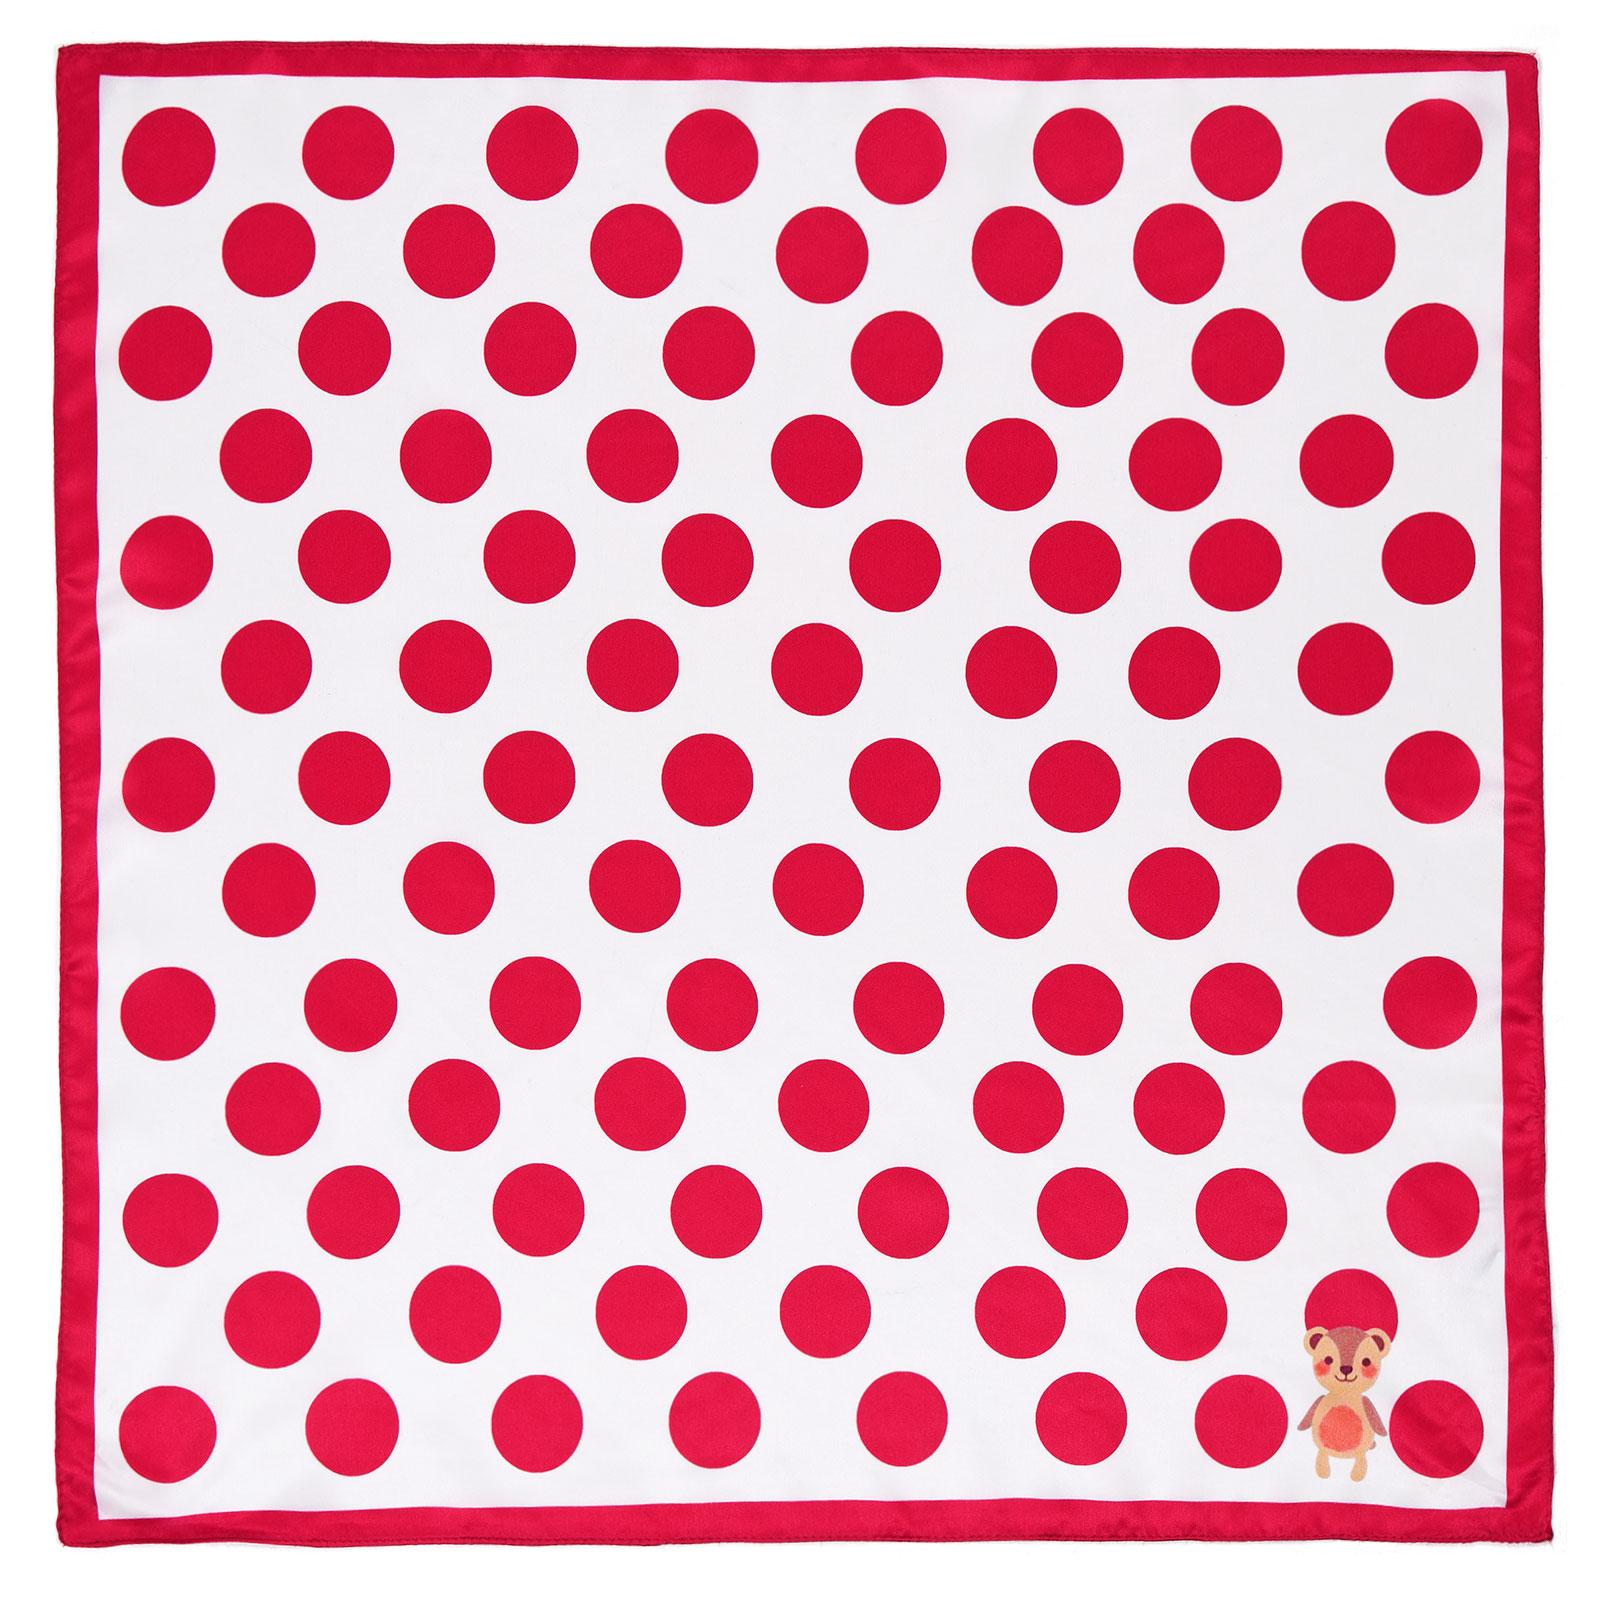 AT-04641-A16-foulard-carre-en-soie-pois-rouges